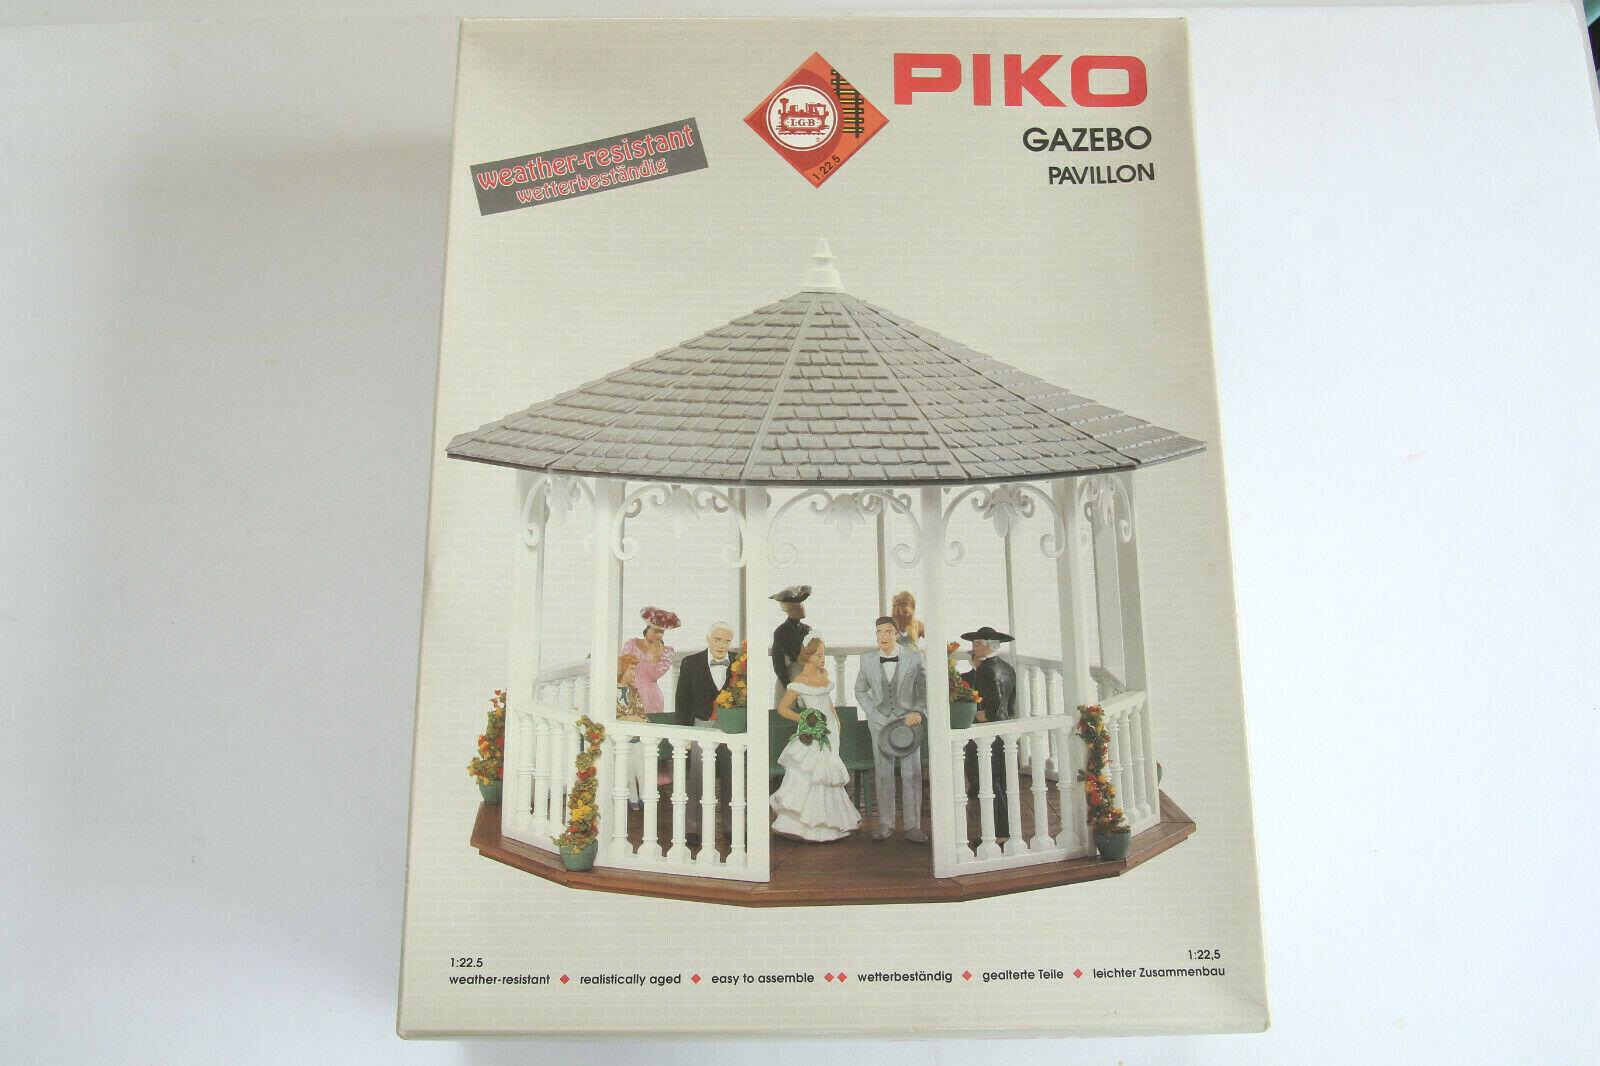 G Scale, PIKO LGB  62012 Pavillion, originele doos en niet-gemonteerde weerBesteendige Nee.